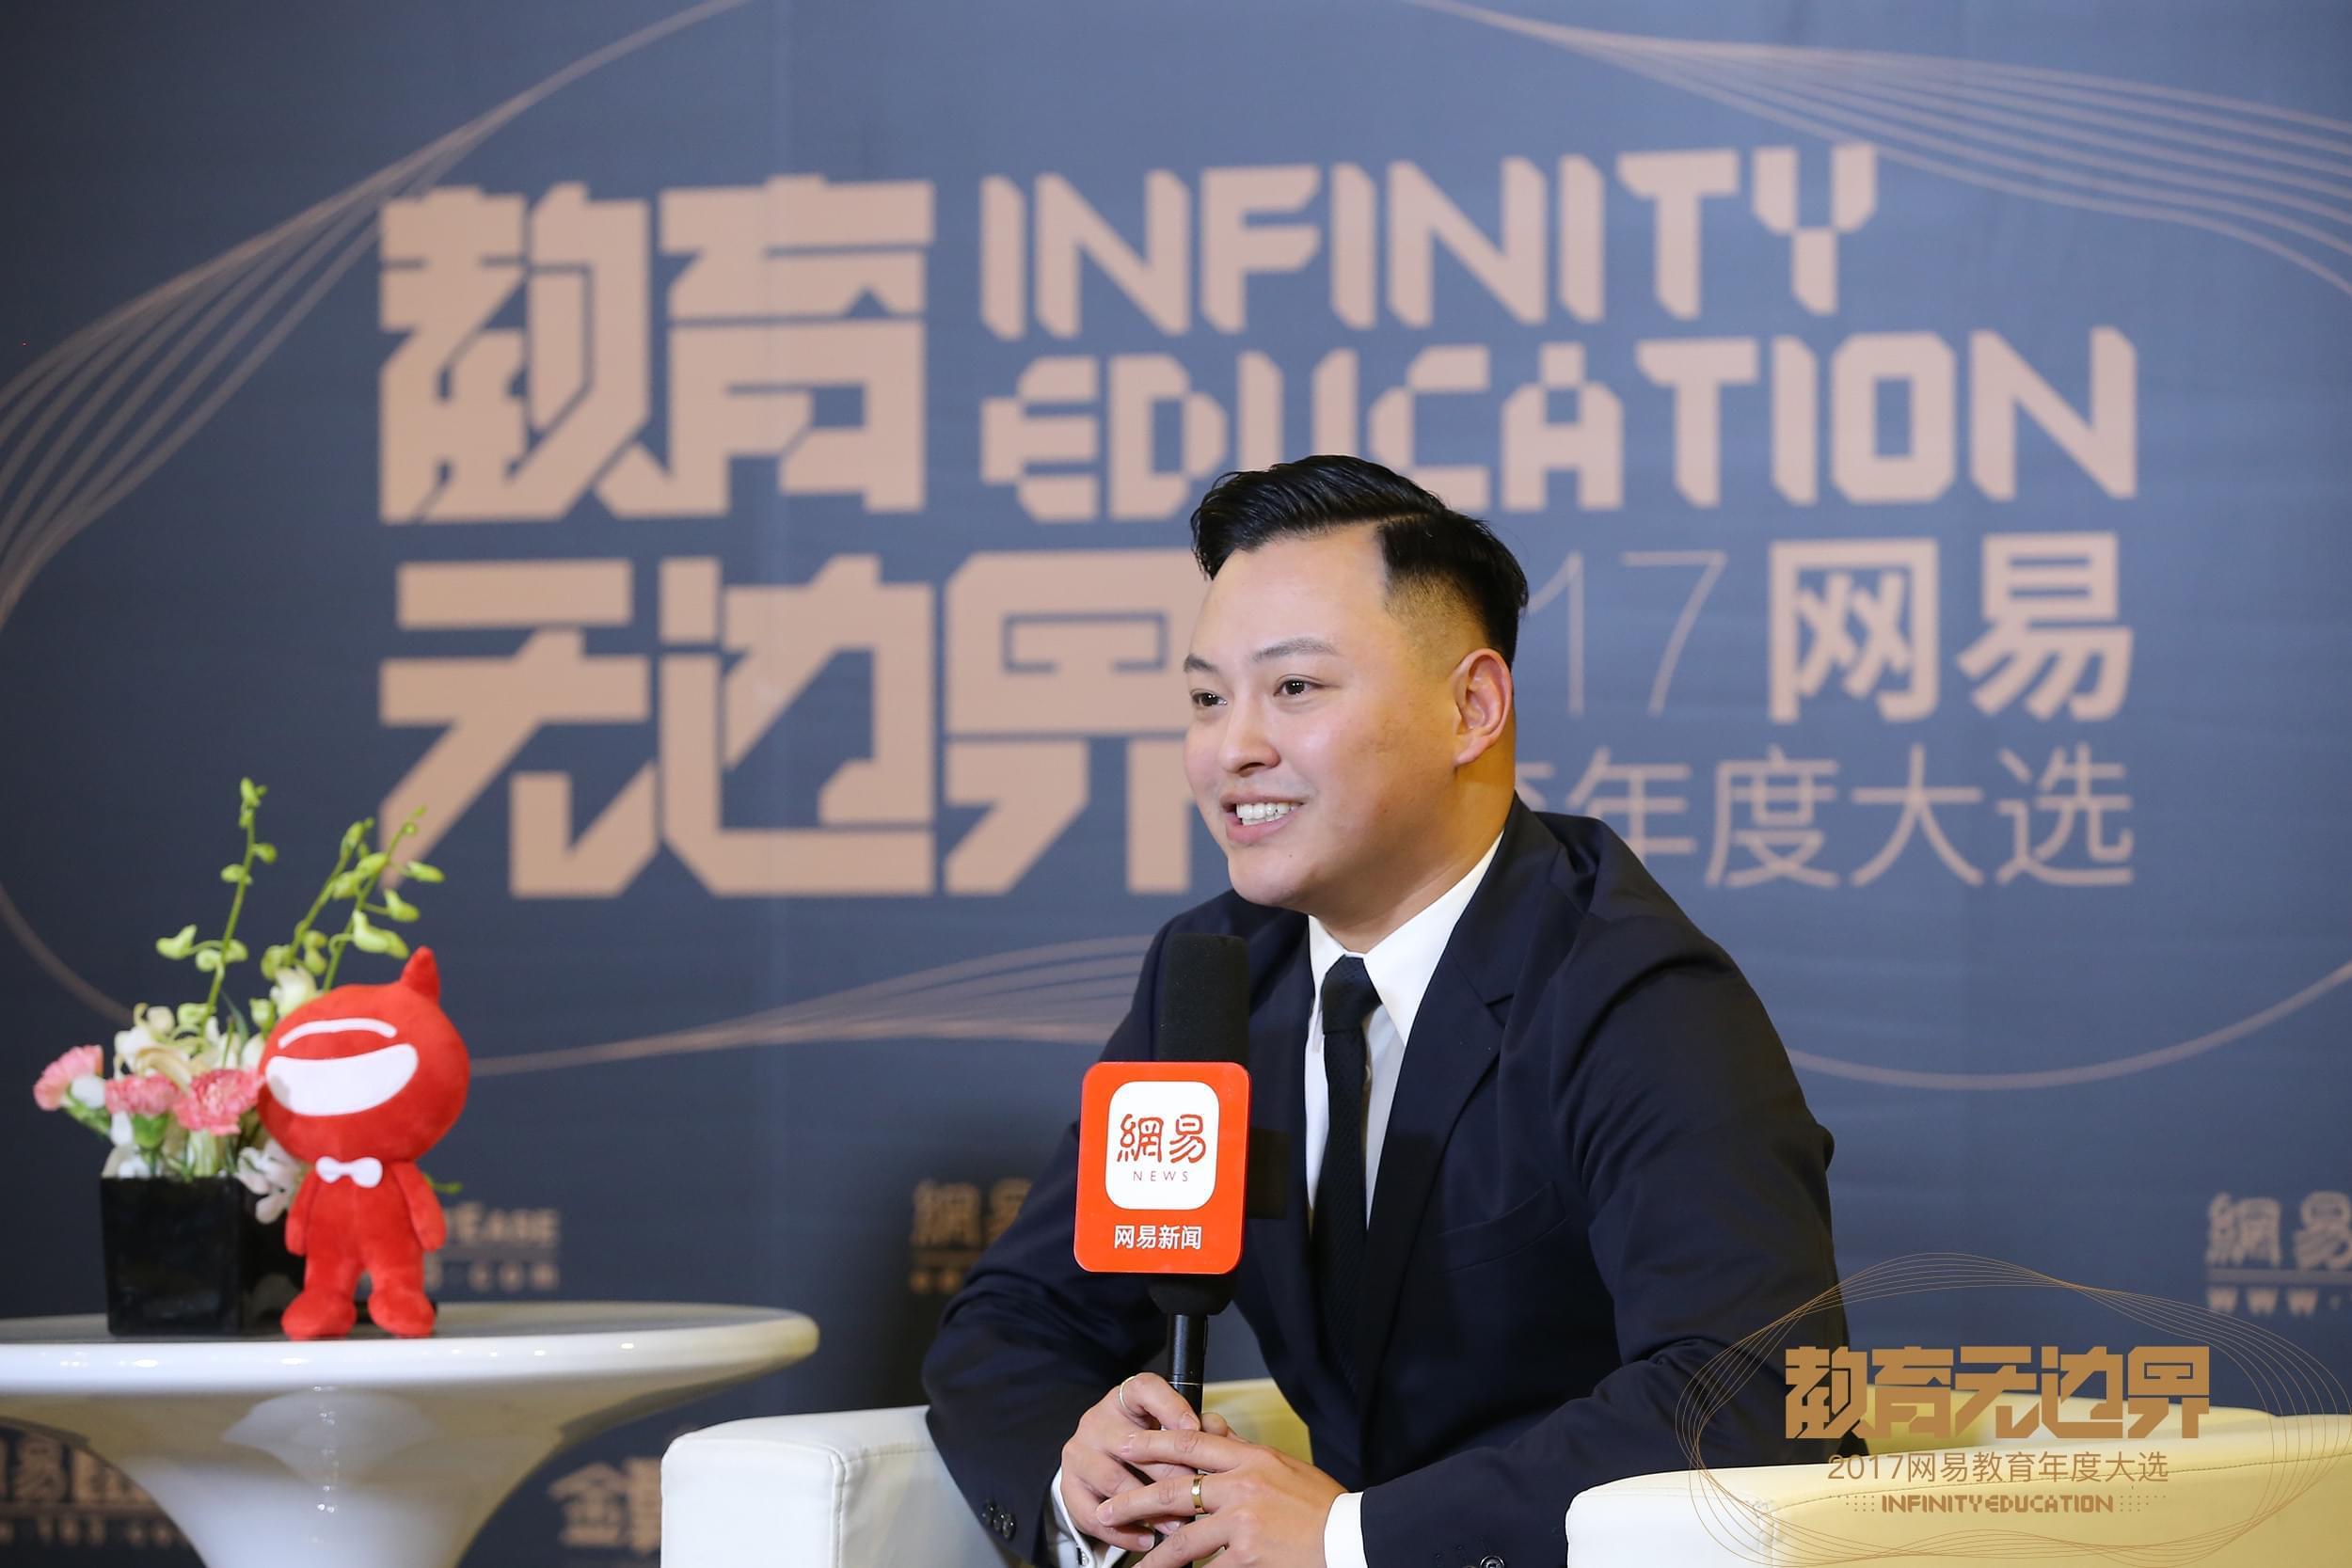 小站教育吴秉辉:不重视客户体验的机构没有明天